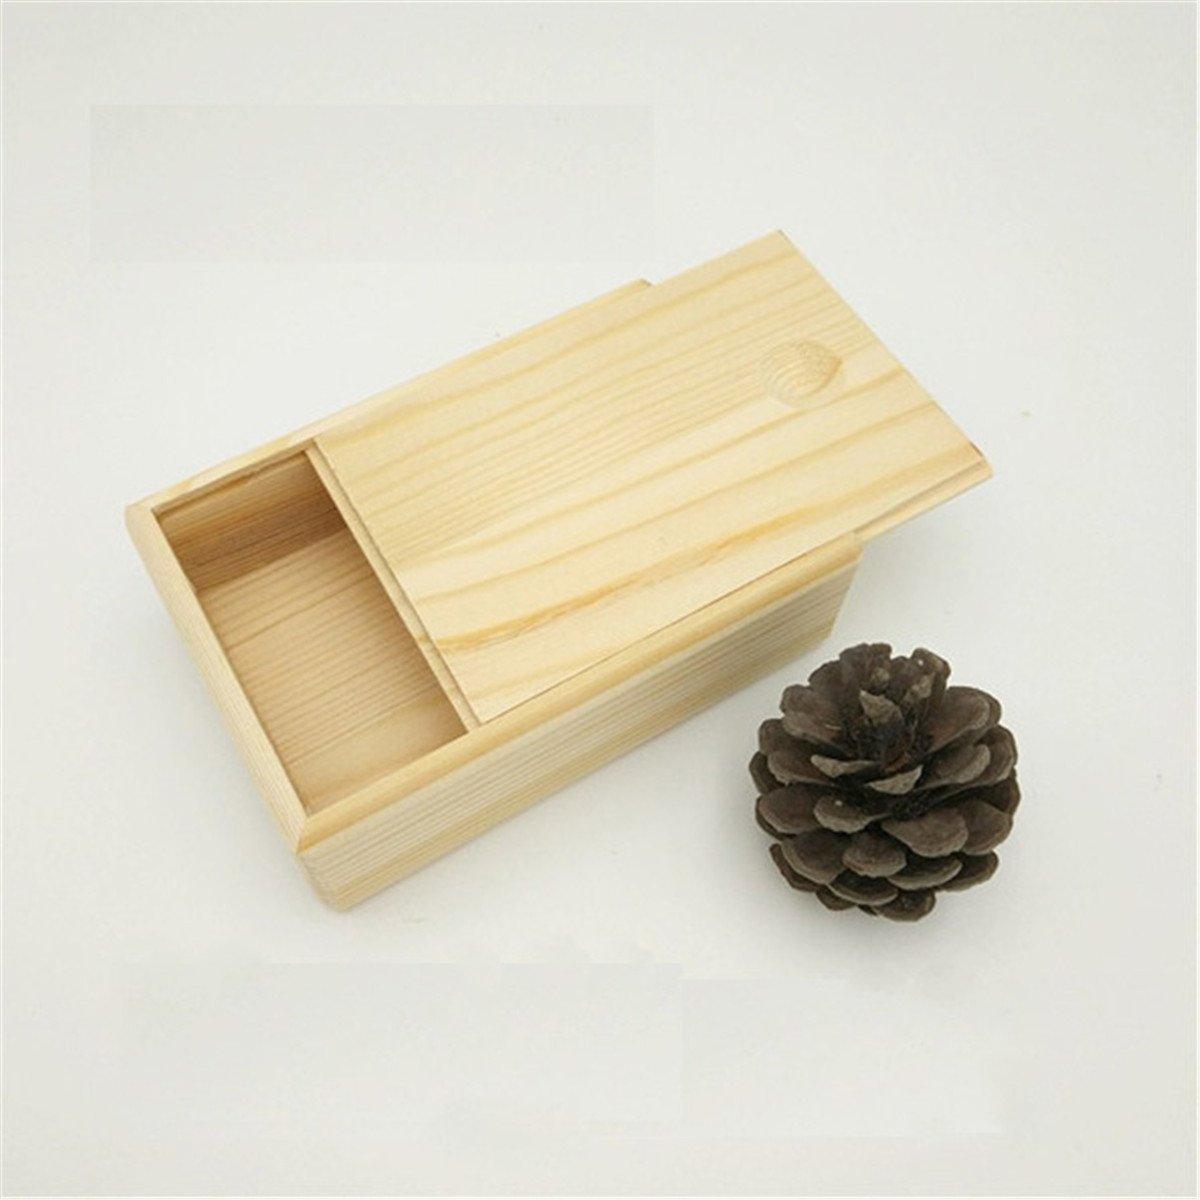 ECYC Caja De Madera PequeñA De Madera, Caja De Almacenamiento De Joyas para Regalo Small Gadgets con Tapa Y Cerradura (11x11x4cm): Amazon.es: Hogar